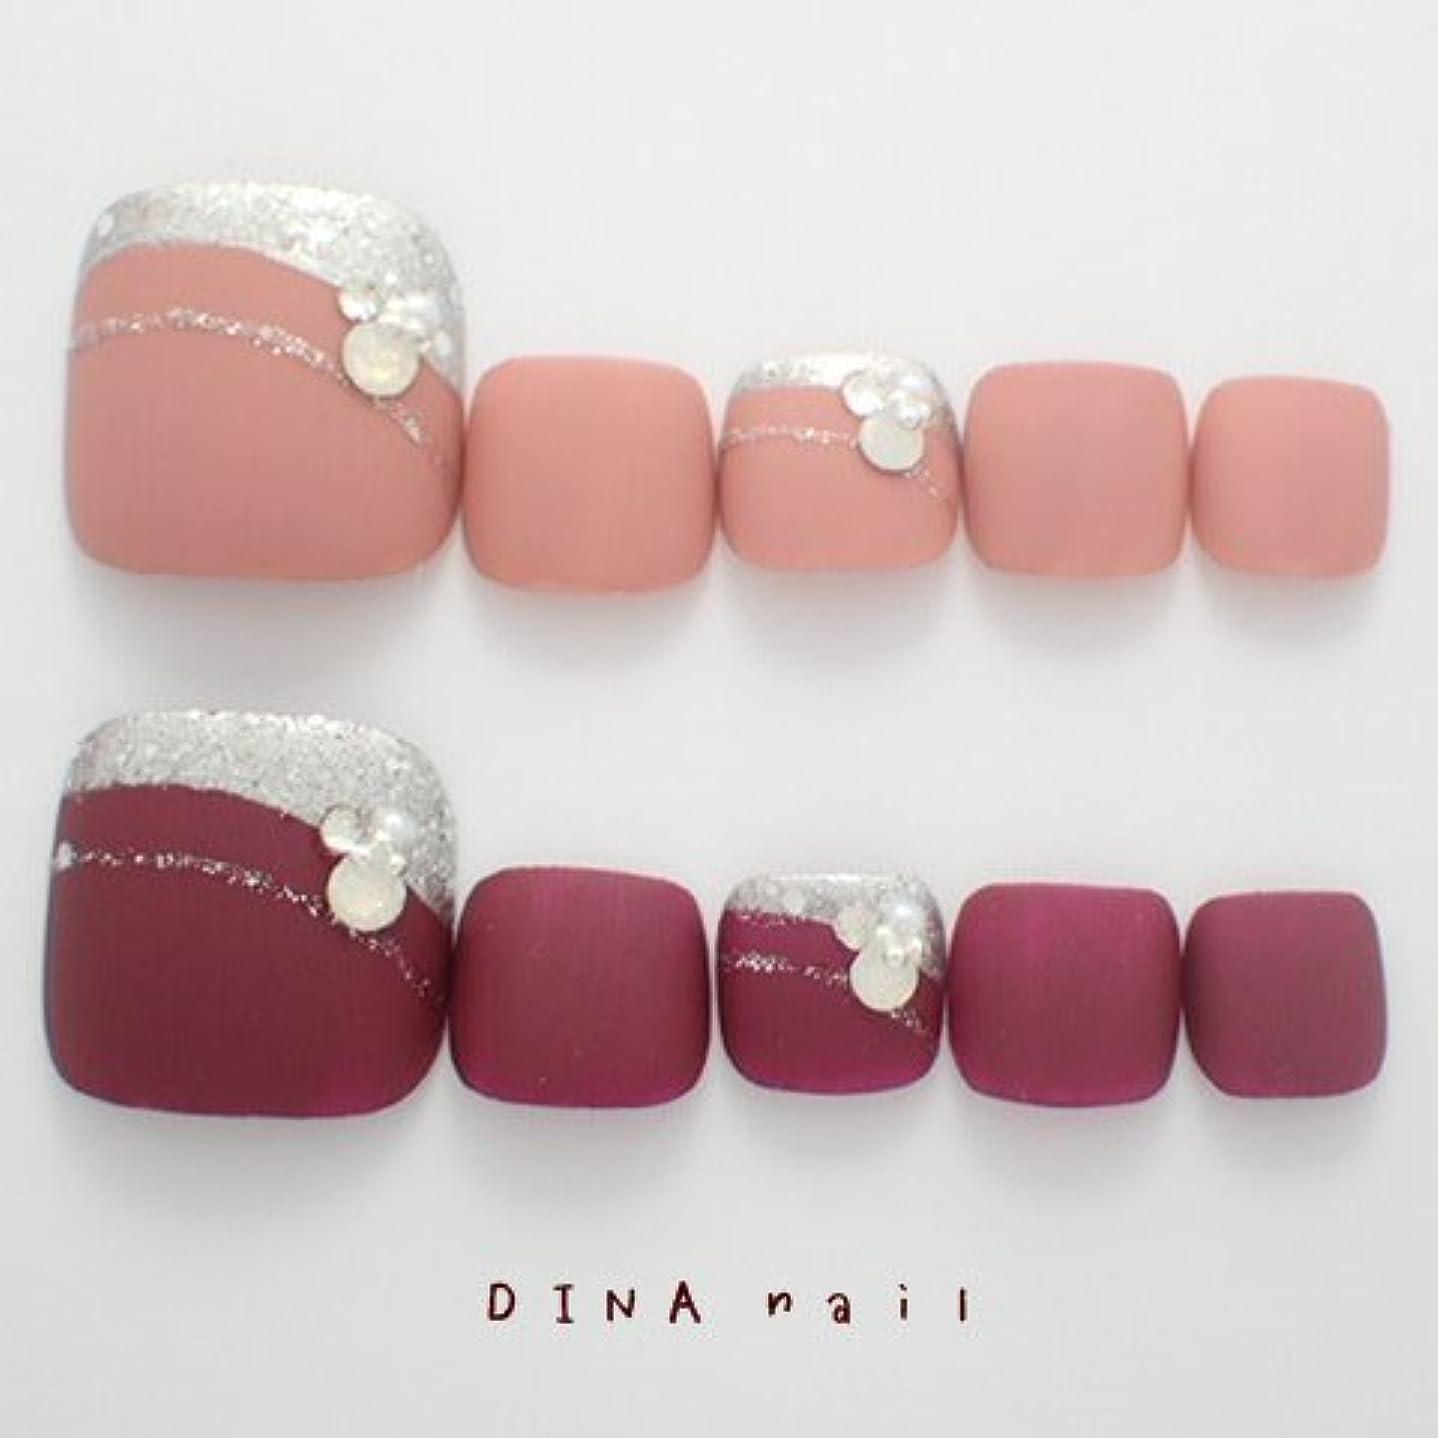 DINAネイル マット斜めフレンチ ぺディキュアS(25678番) ネイルチップ ボルドー